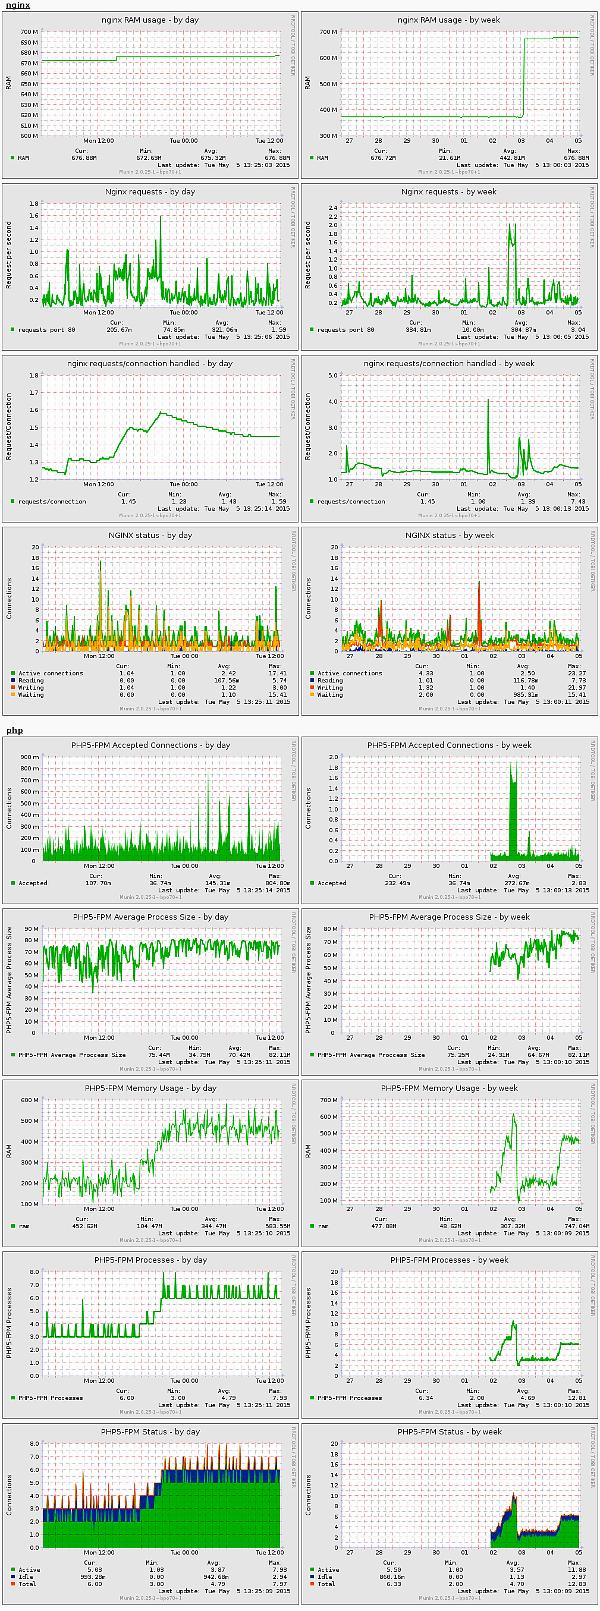 Gráficos de monitorización de munin para nginx y php5-fpm